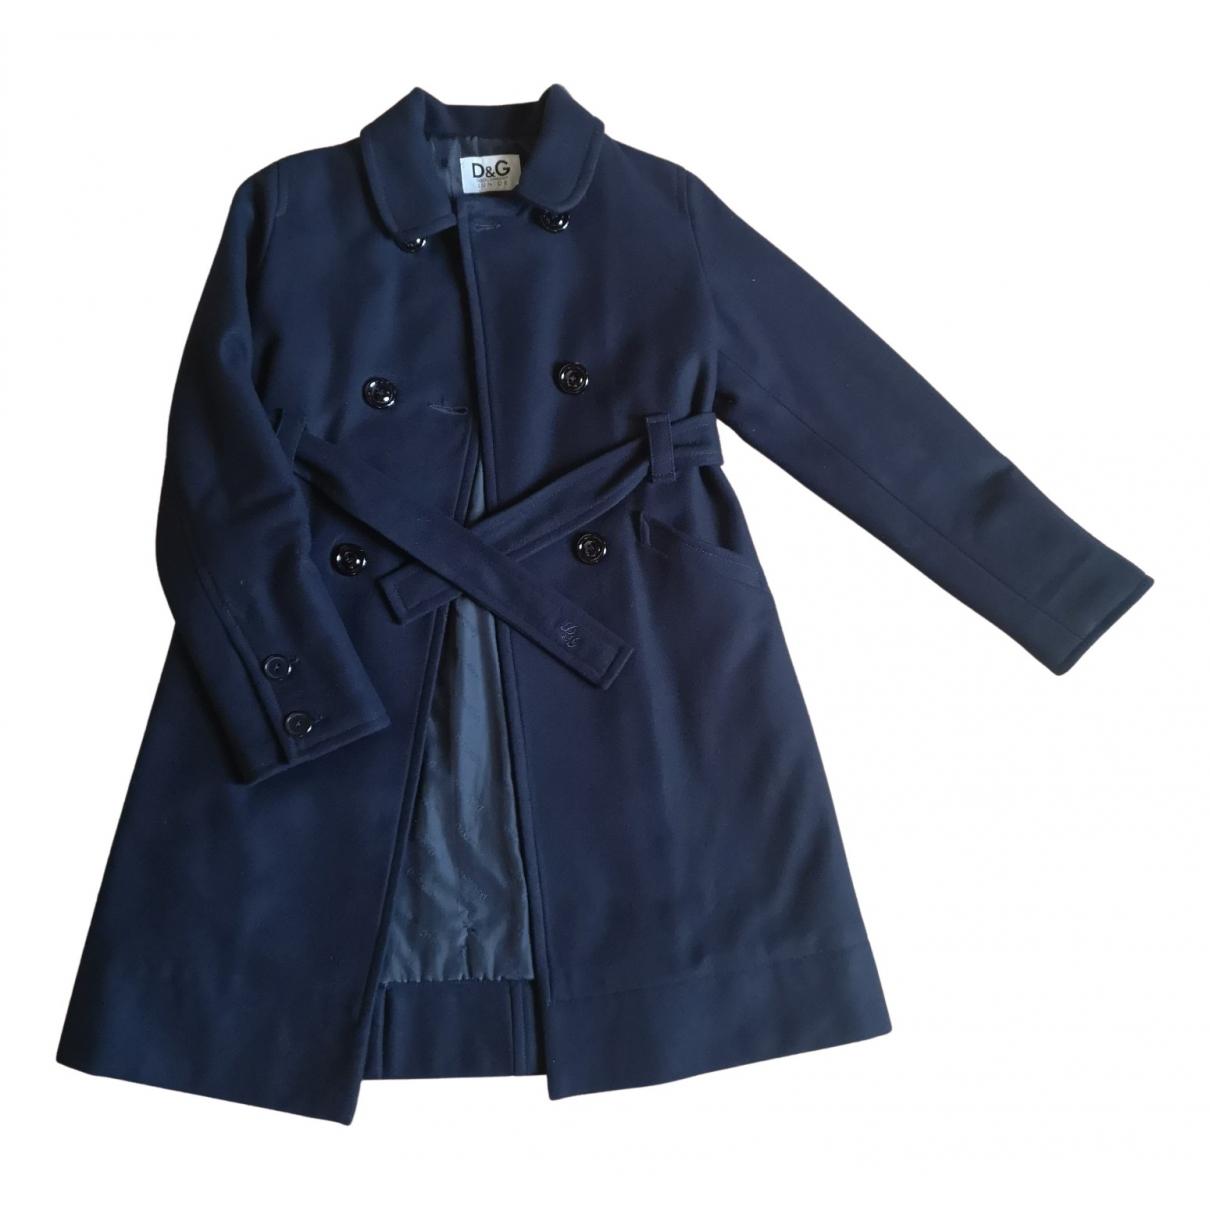 D&g - Blousons.Manteaux   pour enfant en laine - bleu